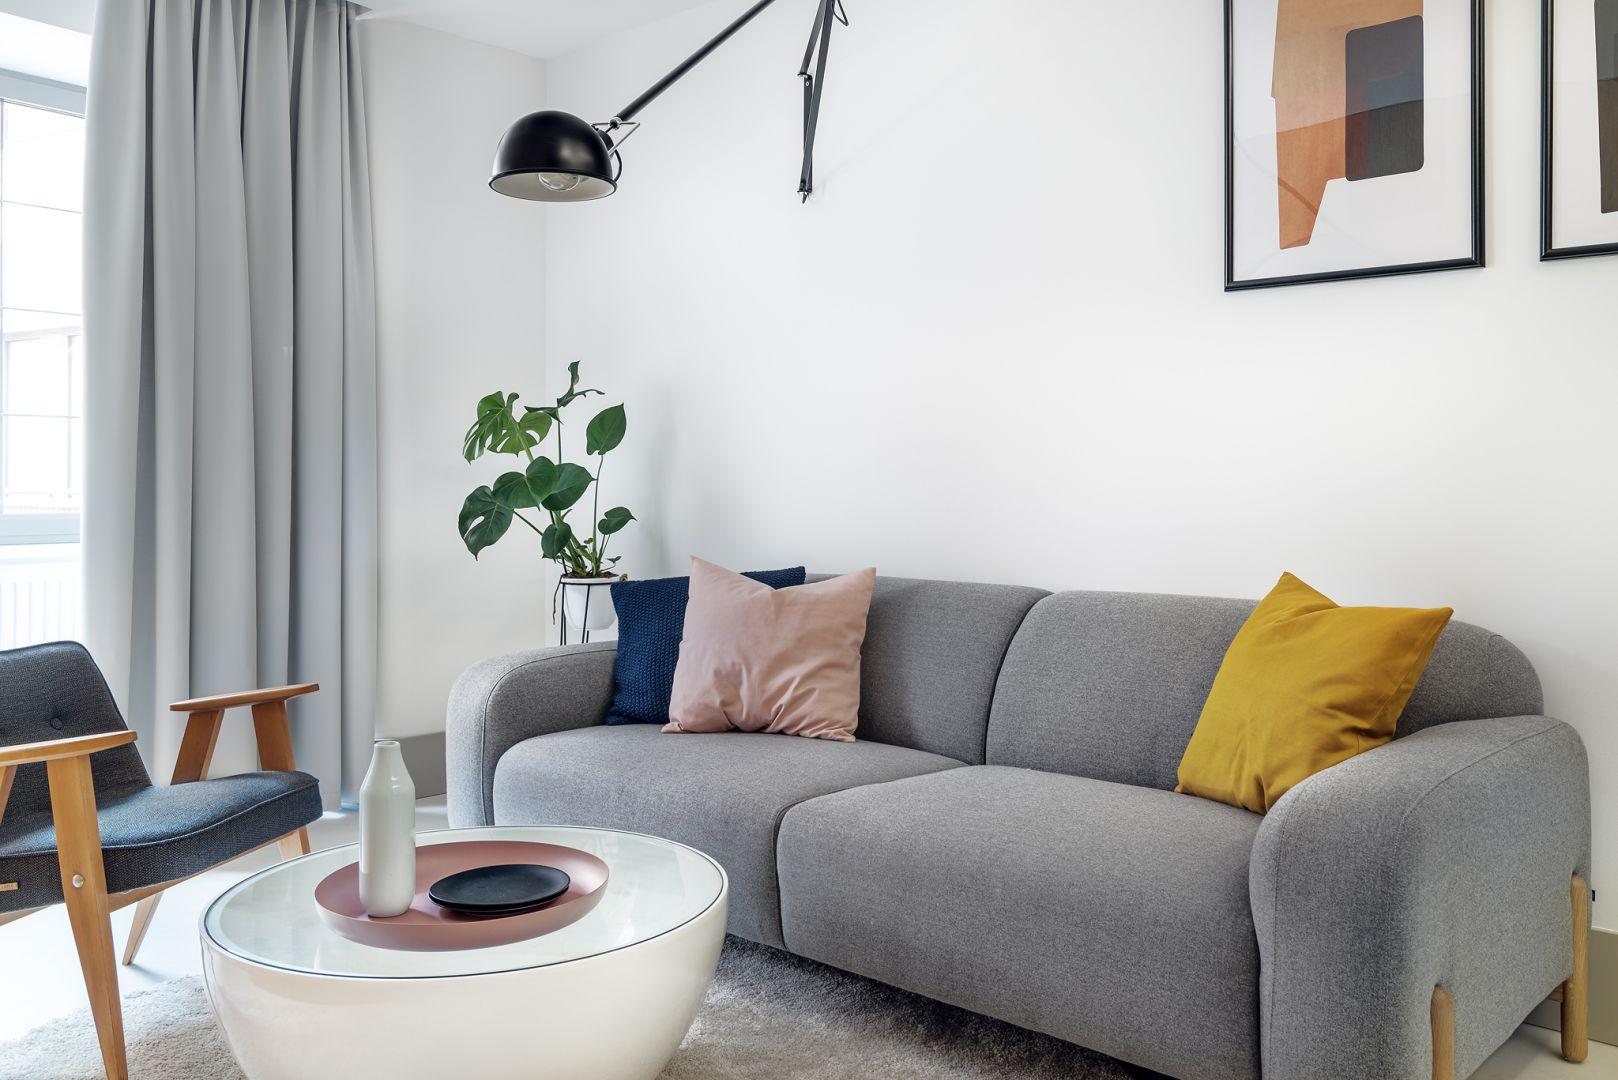 W małym salonie dominują jasne barwy. Projekt Interurban Weronika Juszczyk, Łukasz Piankowski. Fot. Tom Kurek